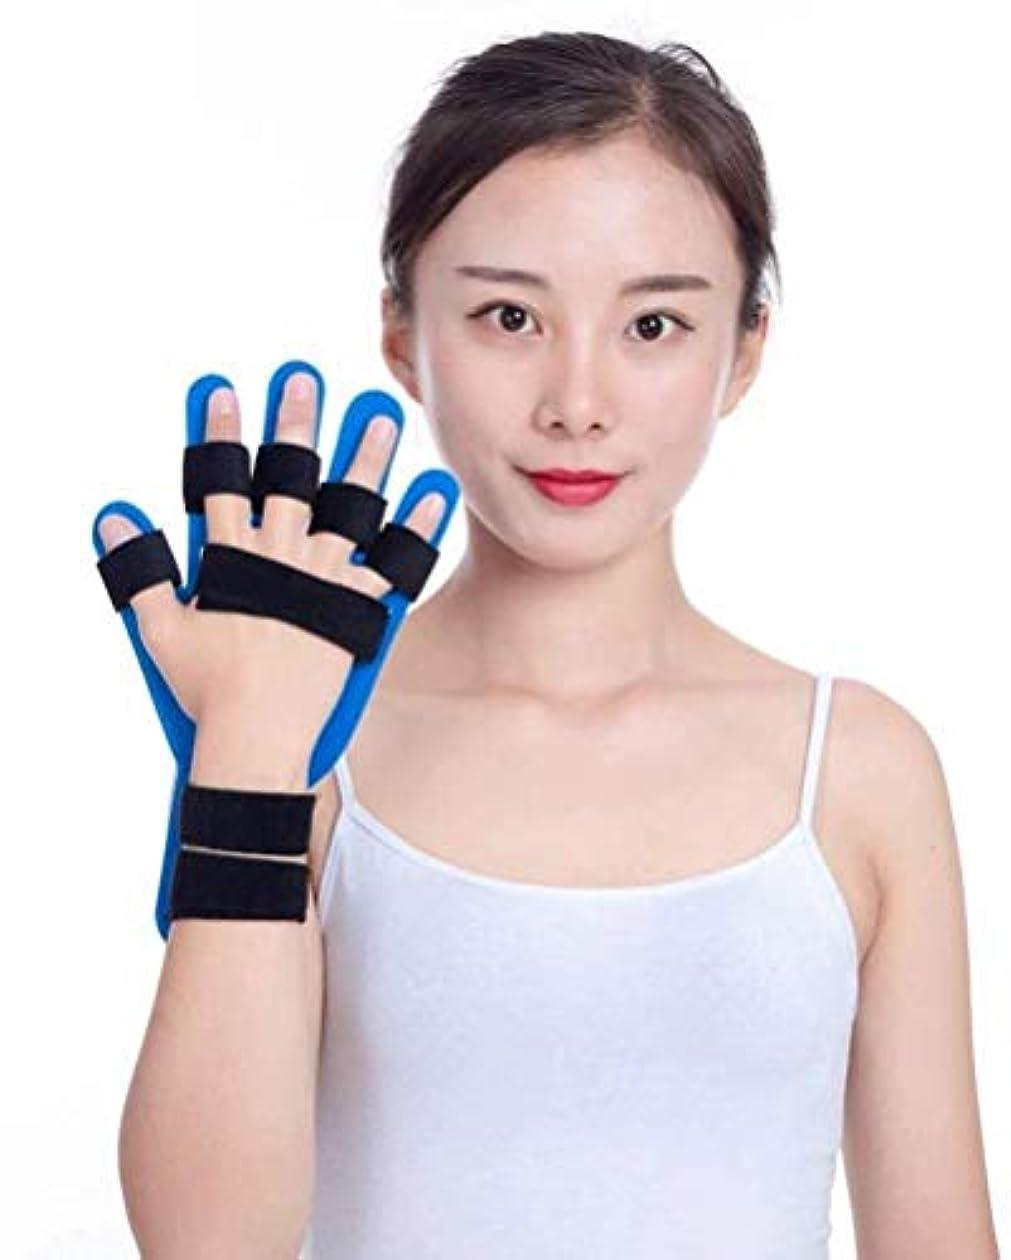 別々に無視できるワット脳卒中/片麻痺/外傷性脳損傷のためのスプリントブレースの手の手首のトレーニング装具の脳卒中リハビリテーション機器を指